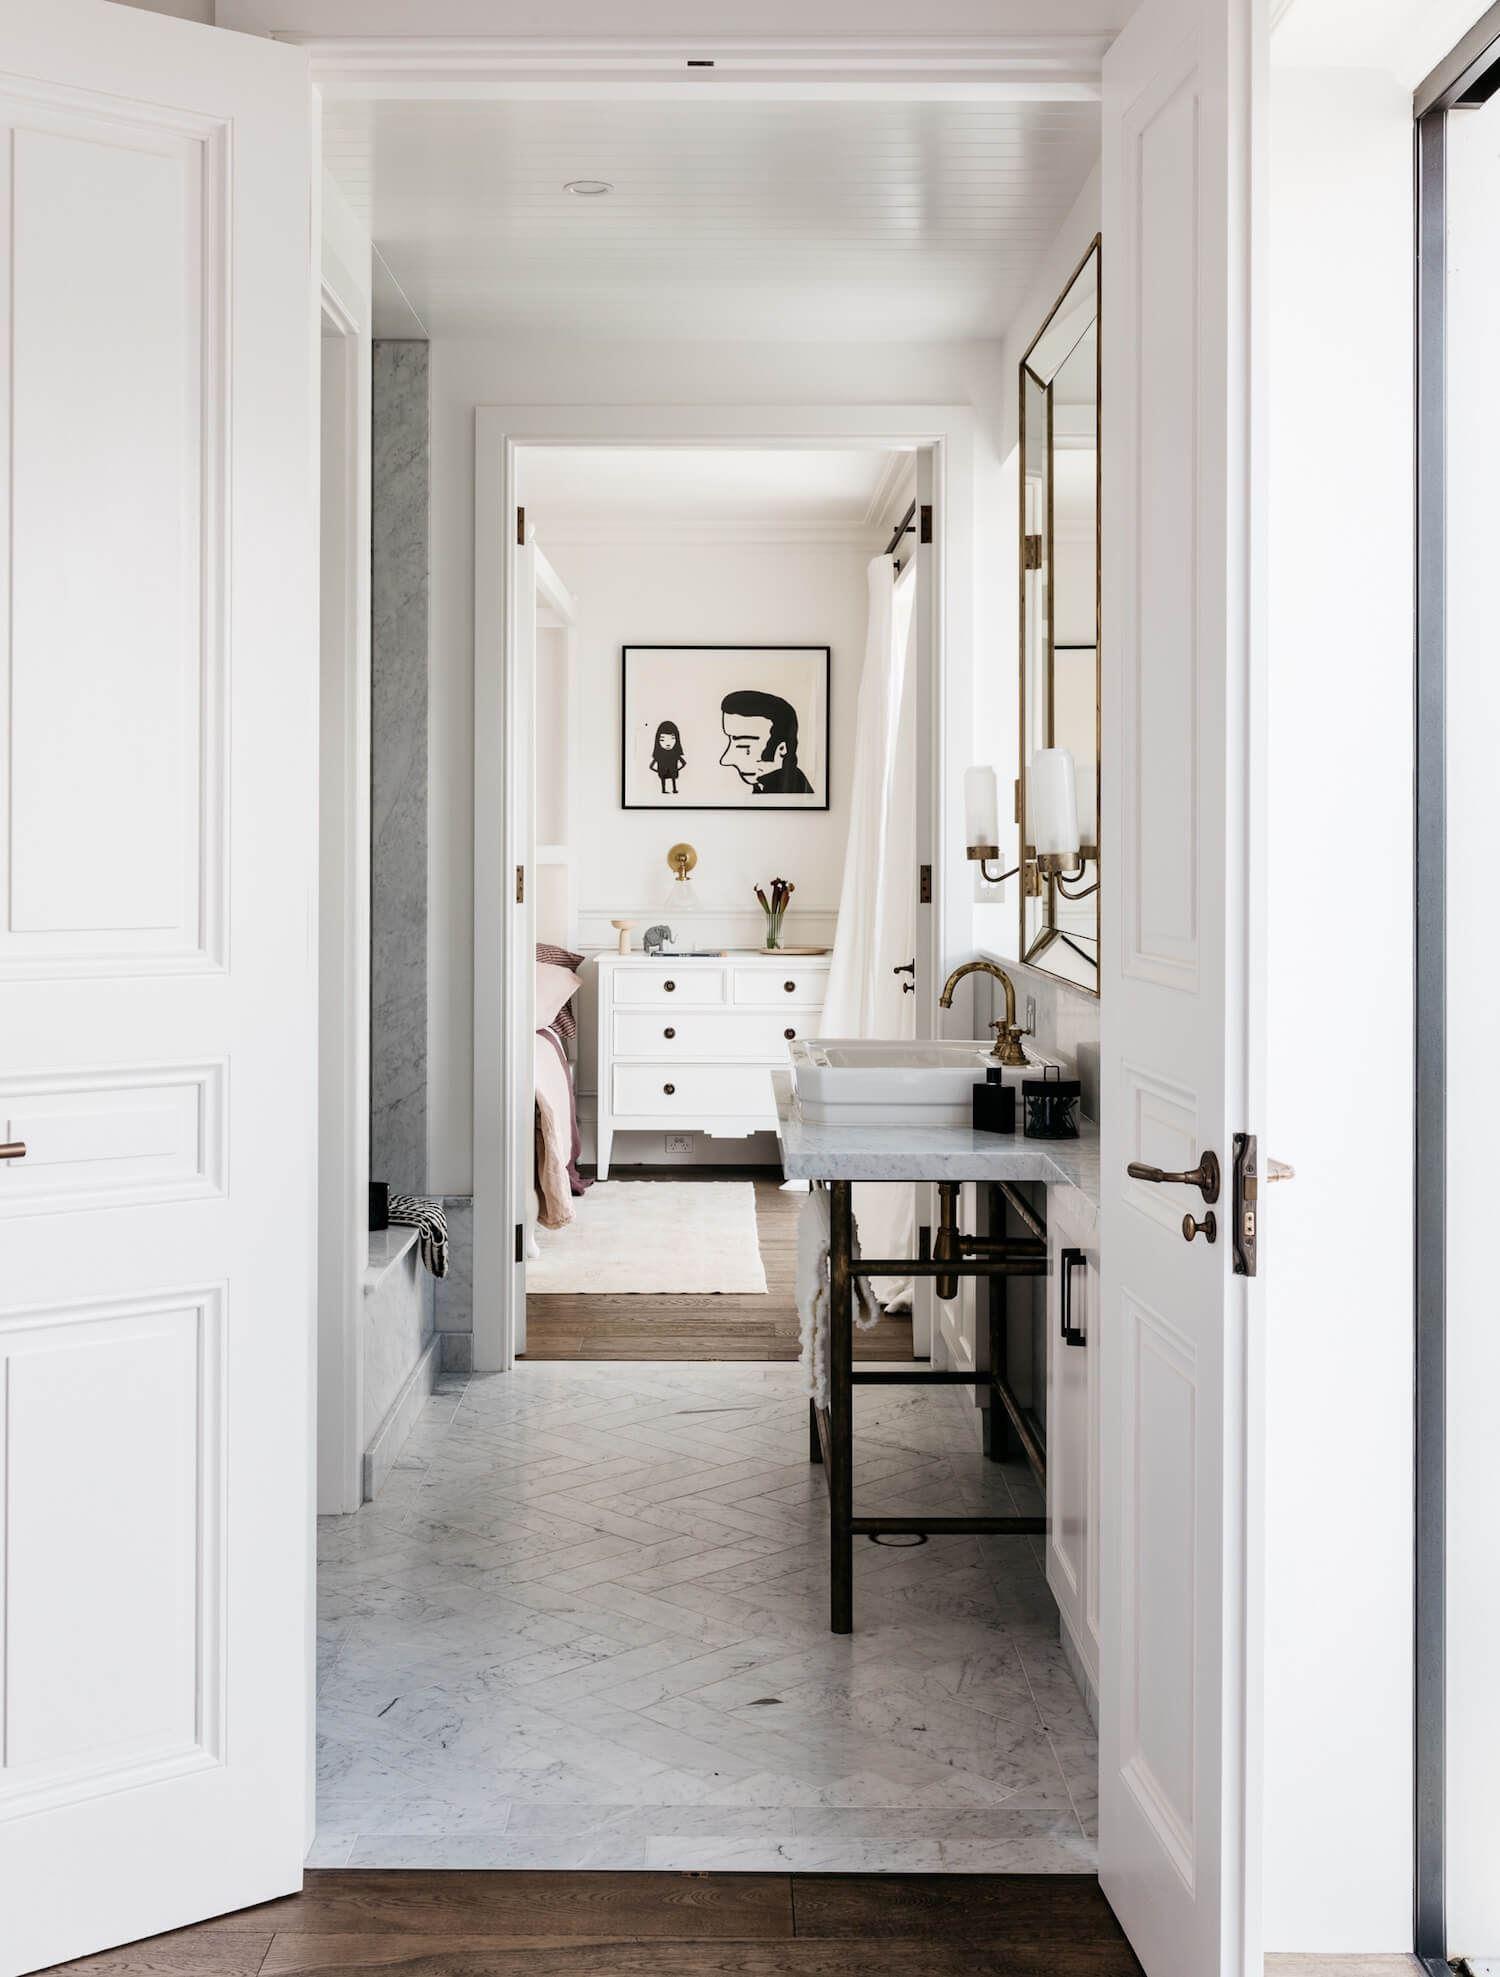 Baño diseñado y decorado con estilo francés minimalista